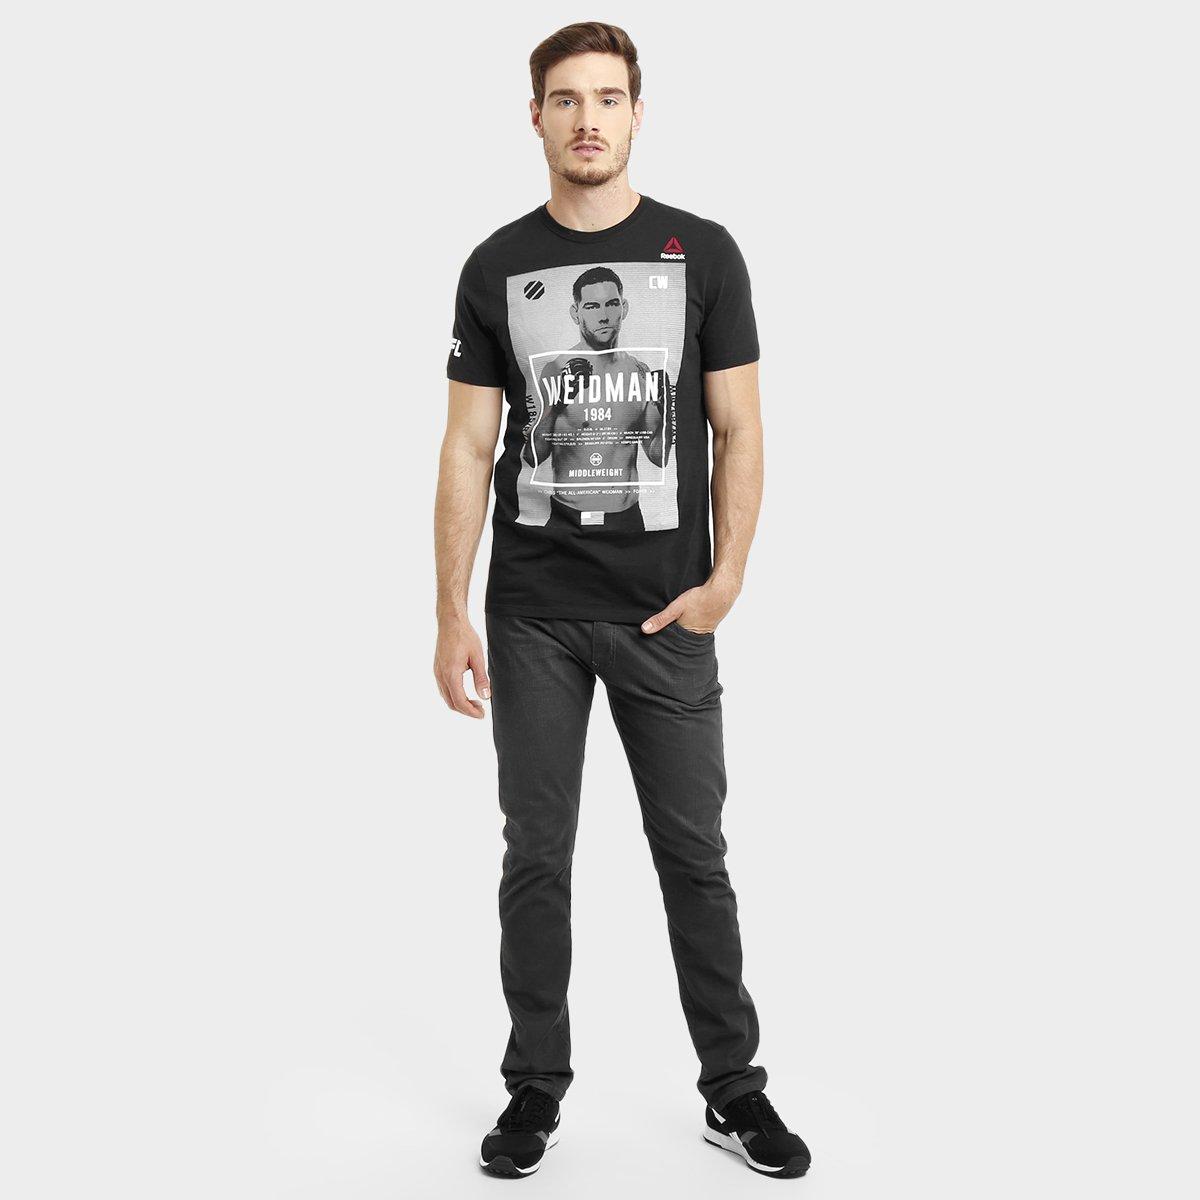 299e292e8d Camiseta Masculina UFC Reebok Weidman - Preto - Compre Agora